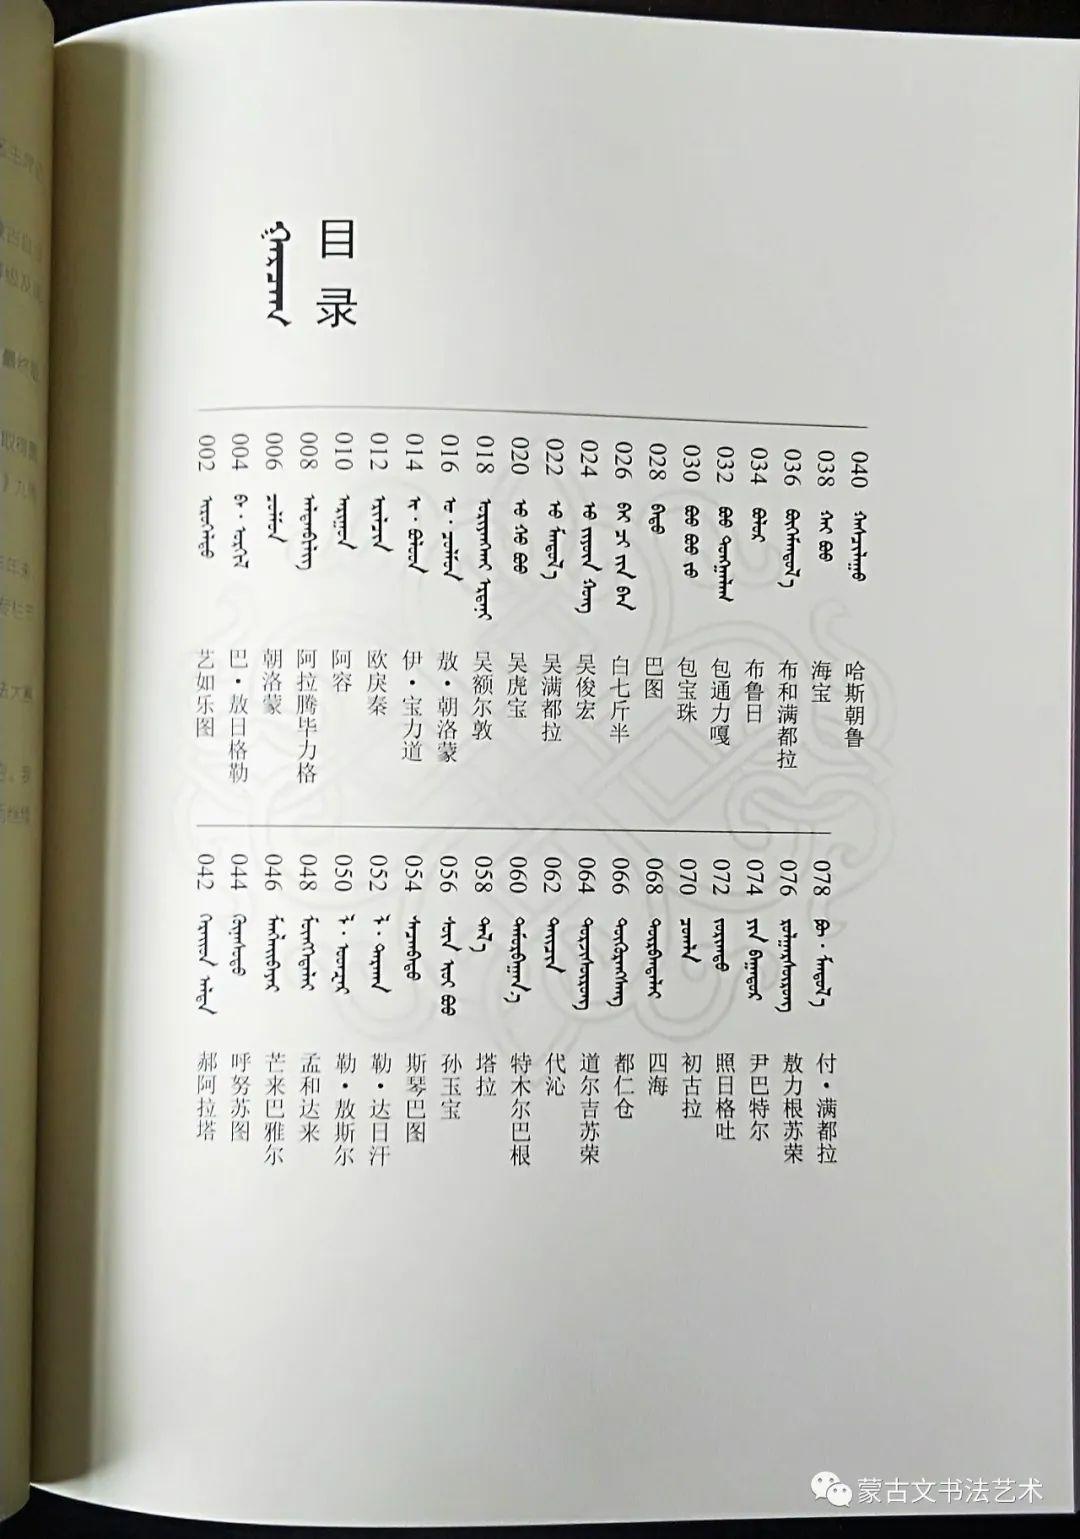 蒙古文书法全集 第27张